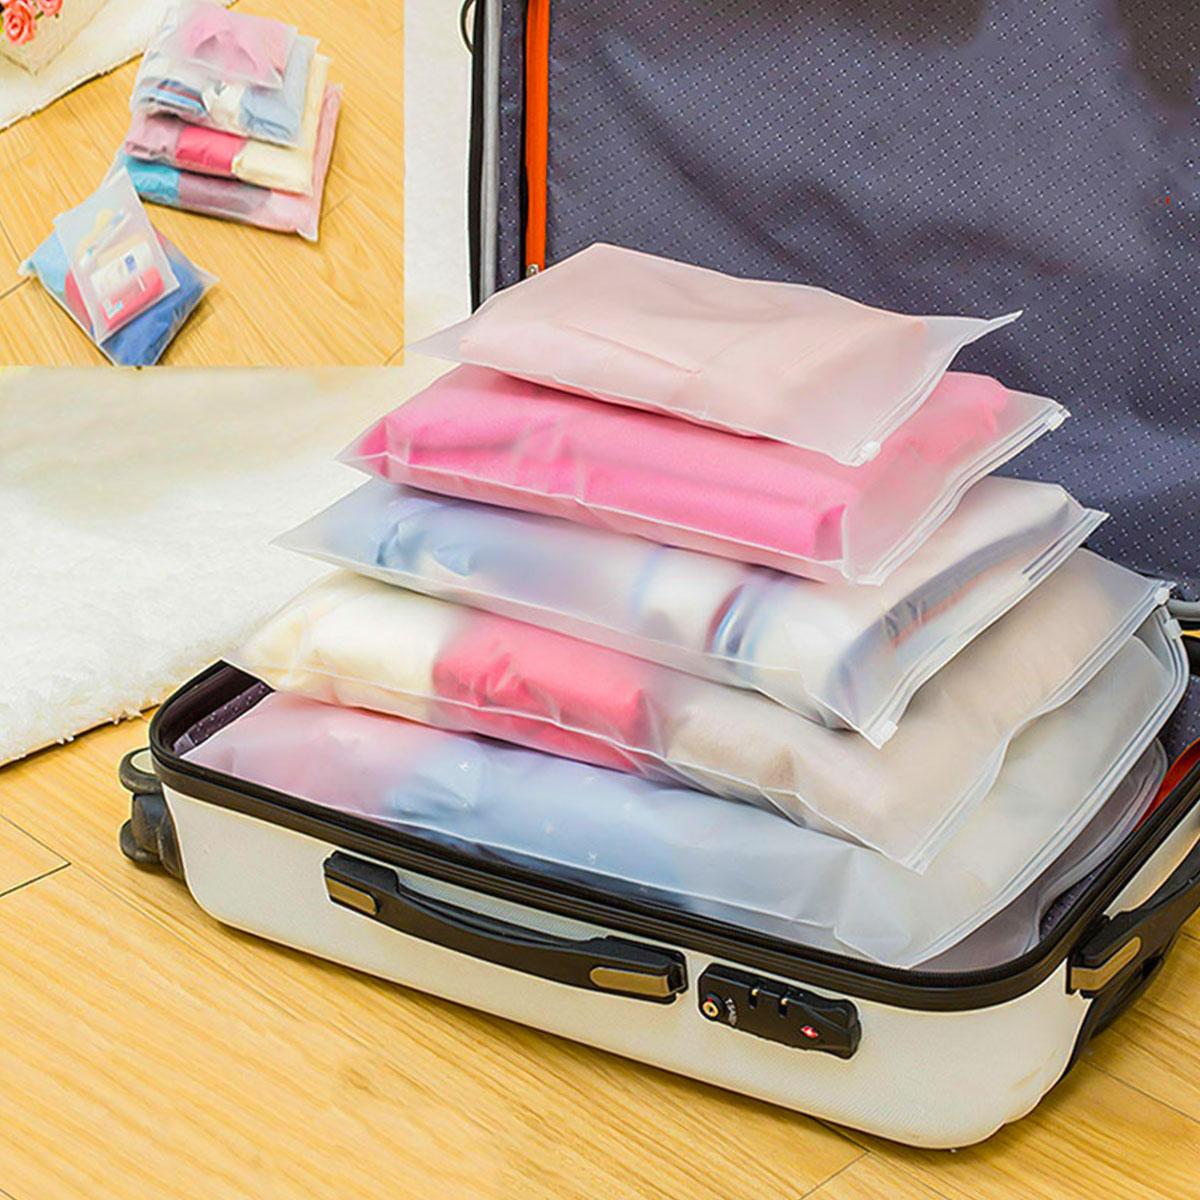 1/5 шт Водонепроницаемый багаж для путешествия Органайзер куб сумка для хранения одежды чемодан упаковочные пакеты